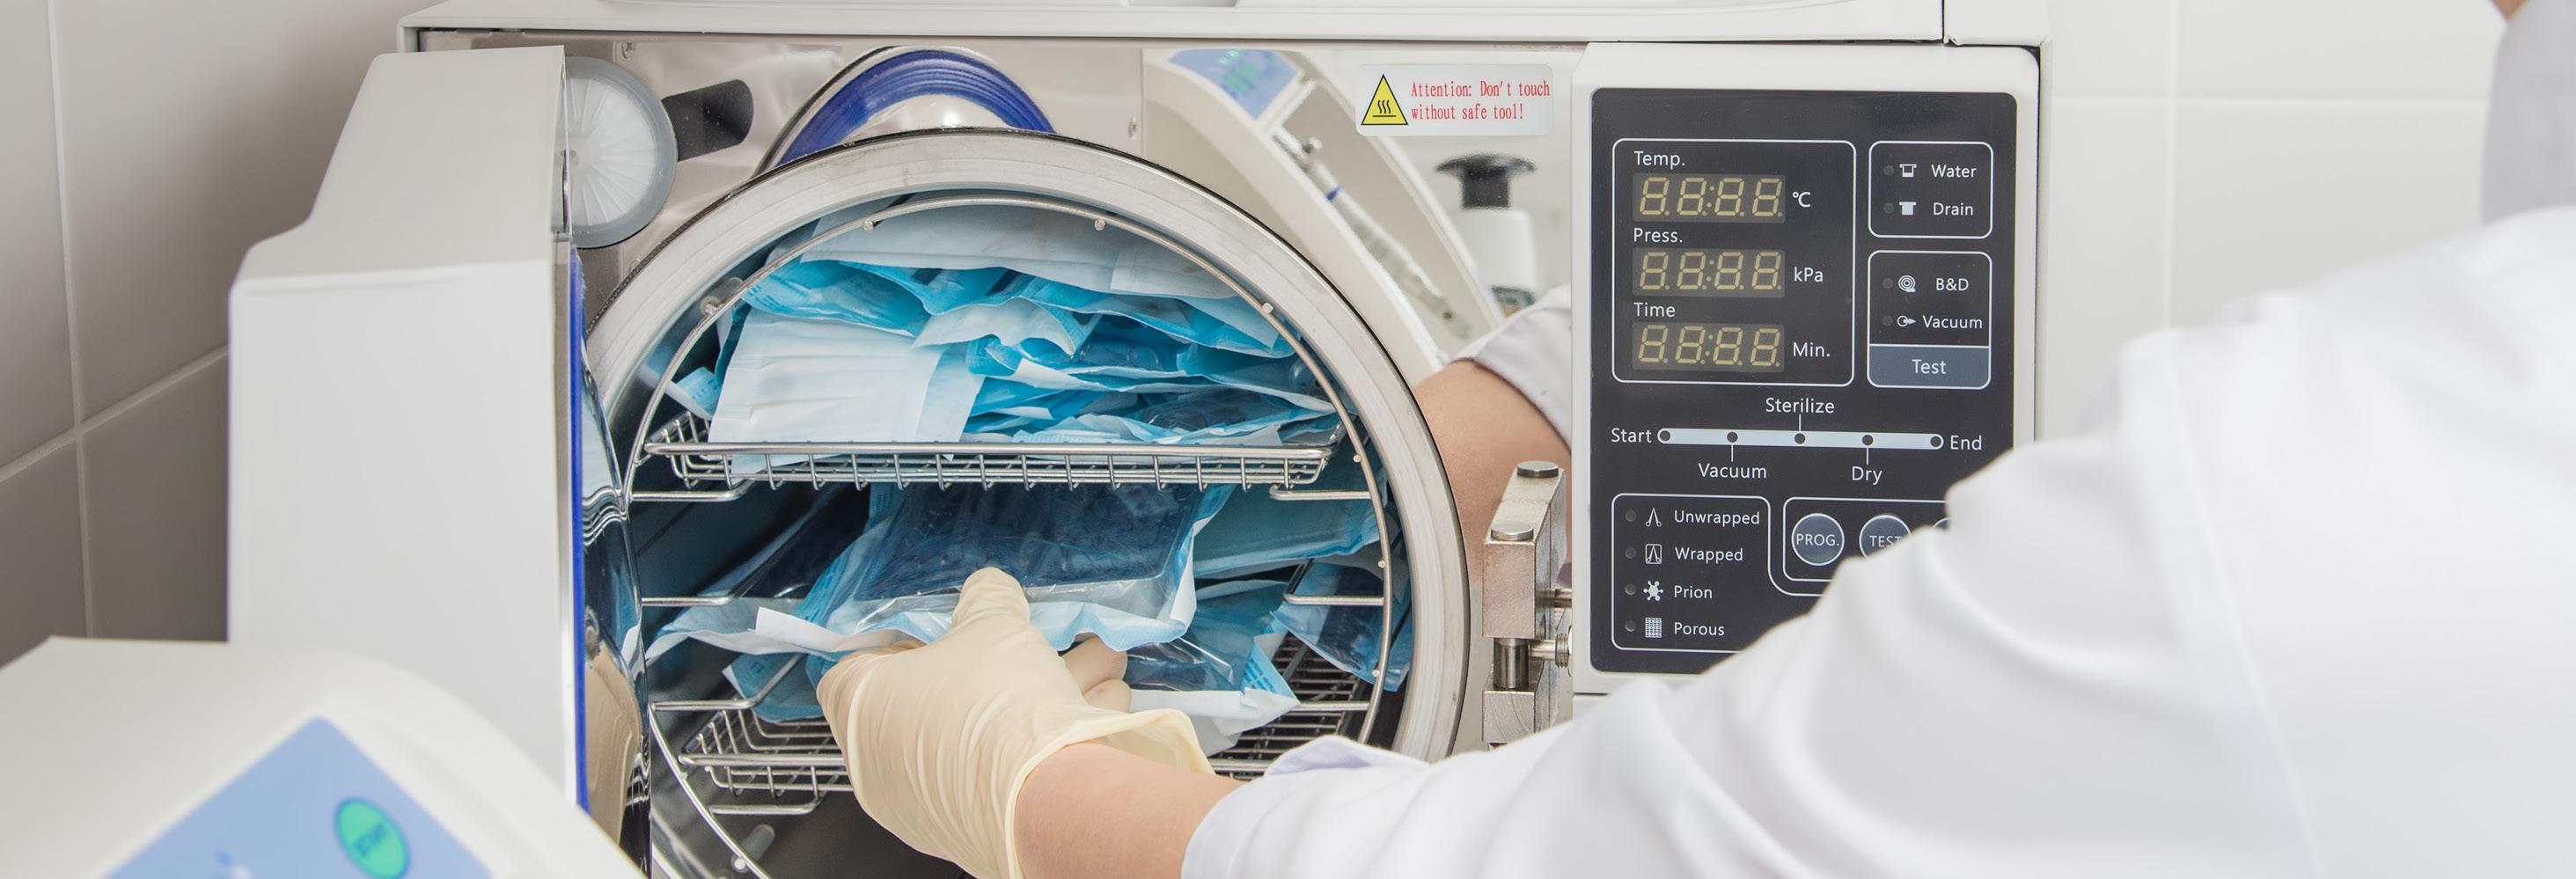 Central Sterilization Technician Image